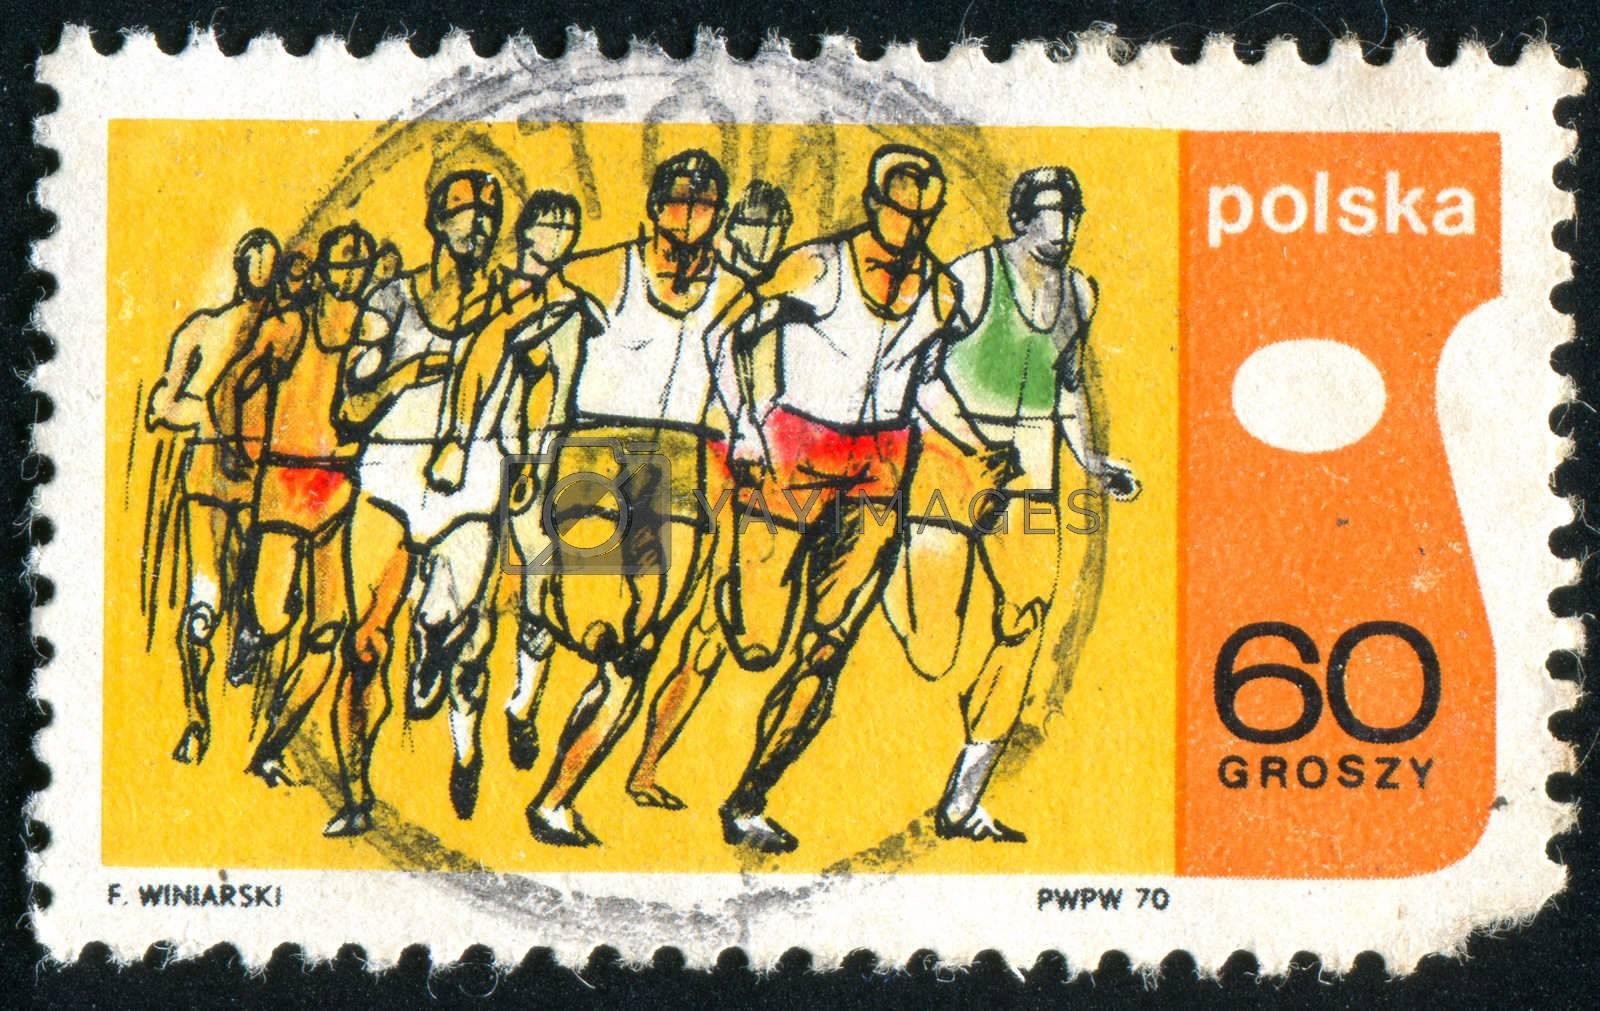 POLAND - CIRCA 1970: stamp printed by Poland, shows runner, circa 1970.